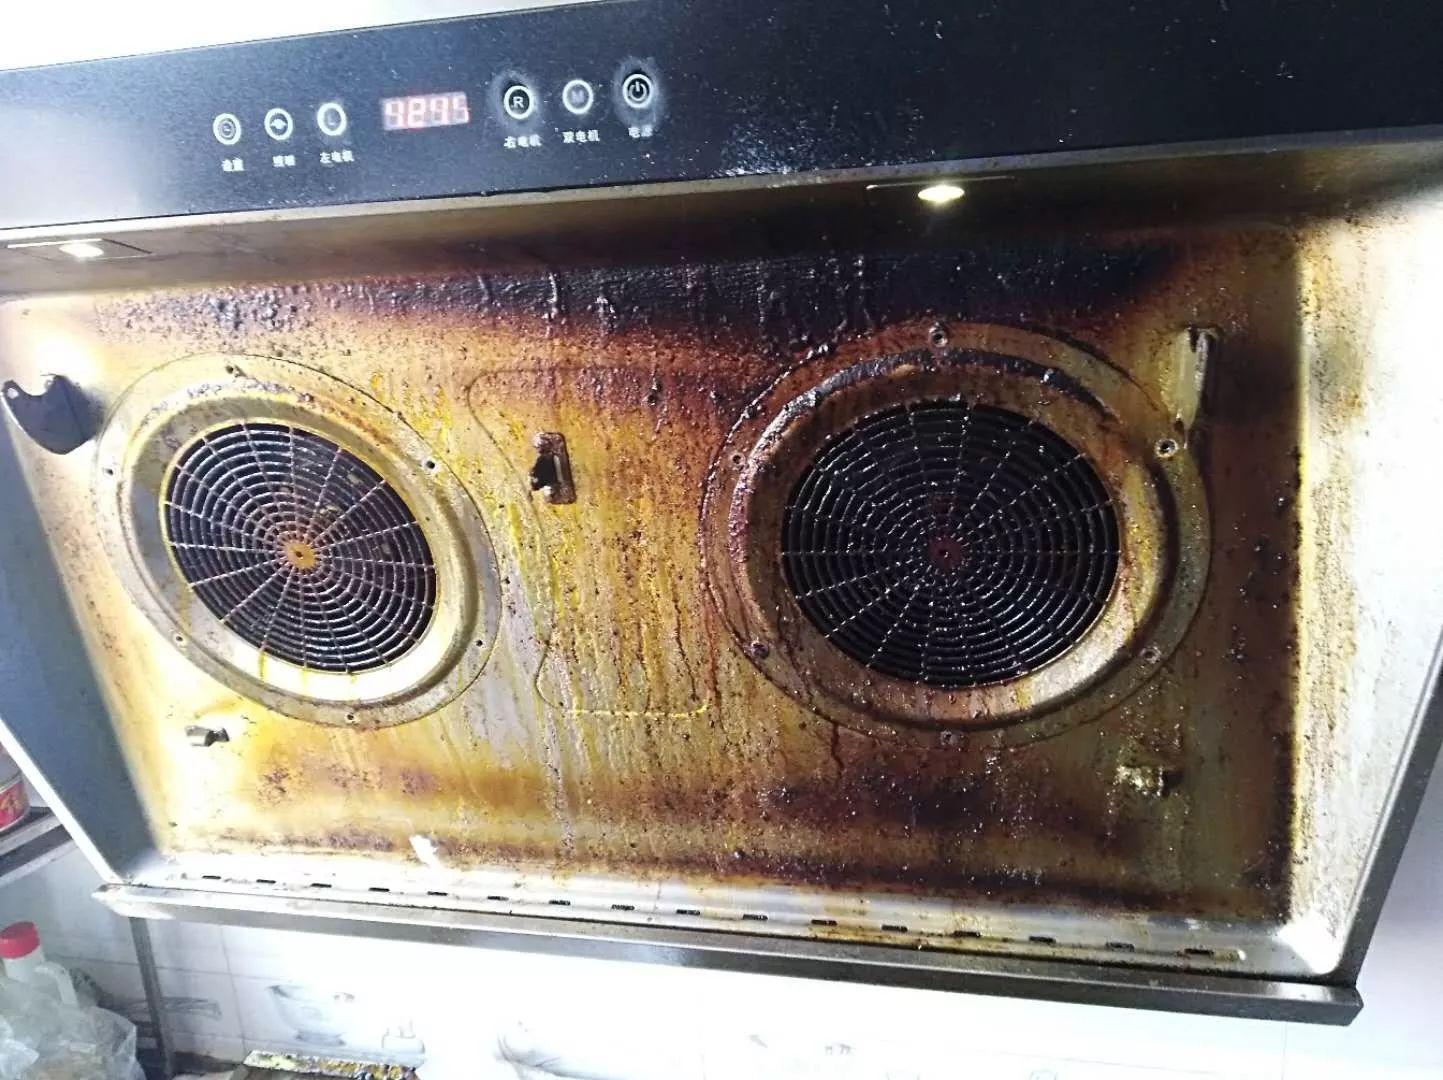 衡水清洗油烟机 洗衣机清洗 空调 冰箱 清洗电热水器换纱窗